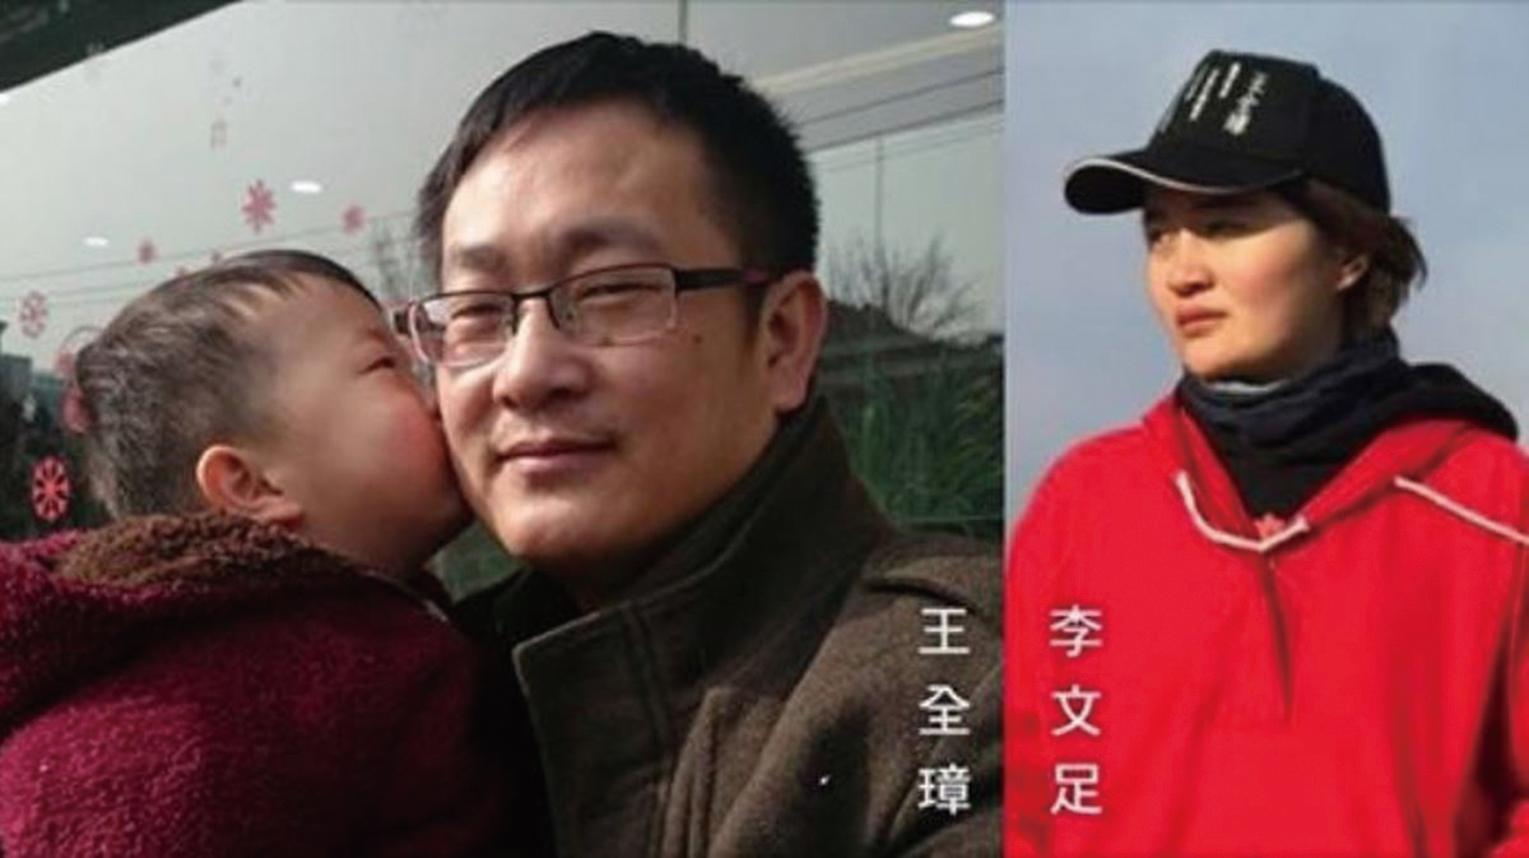 4月5日上午,王全璋律師出獄,但他沒能回到北京與妻兒團聚,被當局強制送往老家山東濟寧的一處房屋,再次失去自由。(李文足推特)